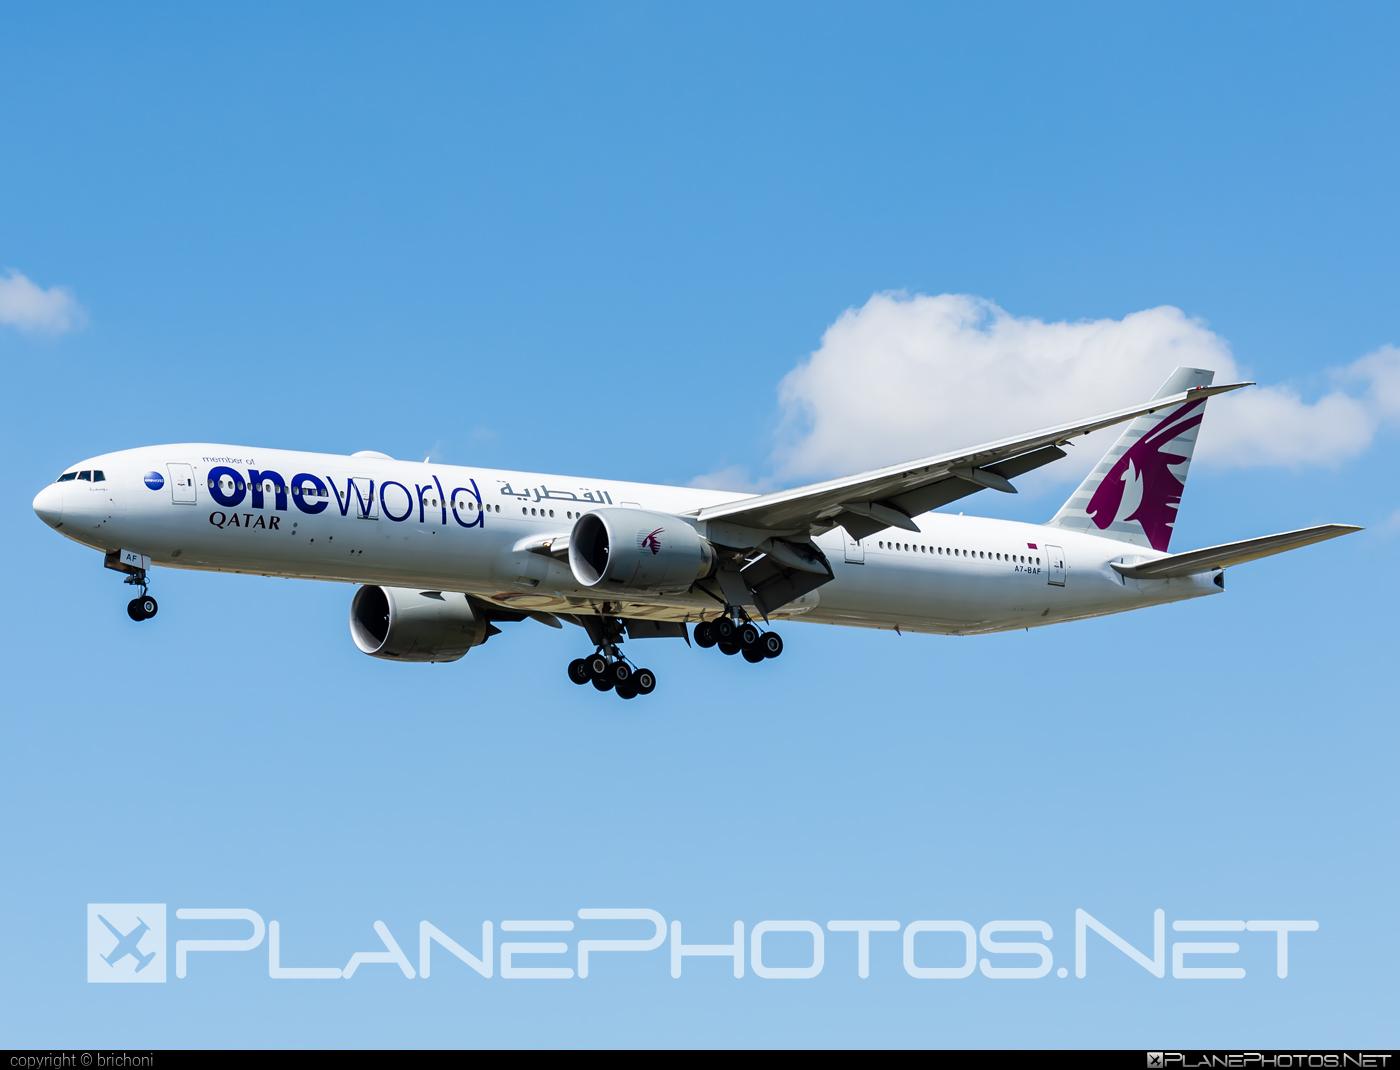 Boeing 777-300ER - A7-BAF operated by Qatar Airways #b777 #b777er #boeing #boeing777 #oneworld #qatarairways #tripleseven